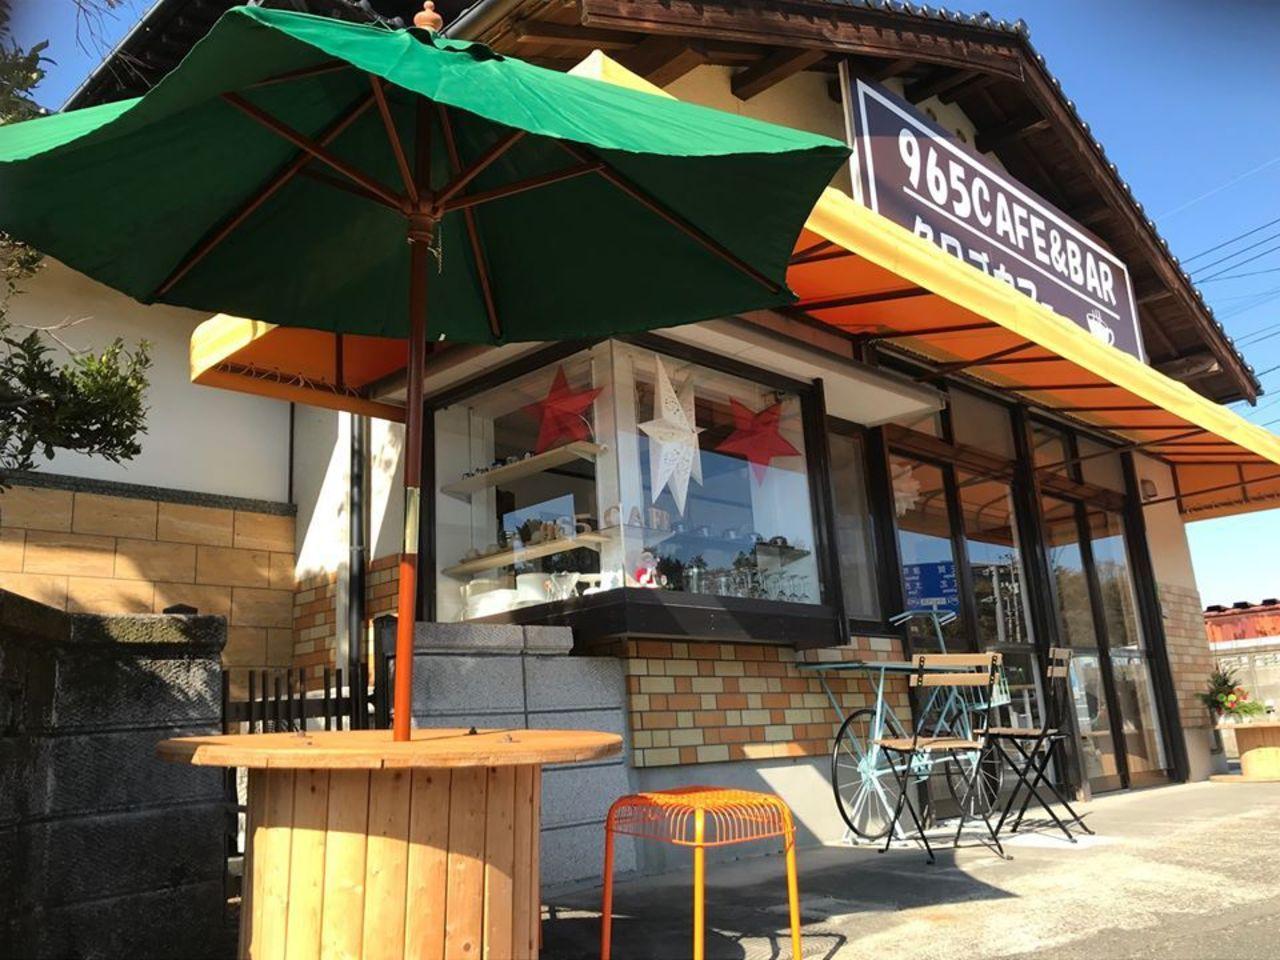 佐賀県鹿島市大字高津原にカフェ&バー「クロゴカフェ」がオープンされたようです。